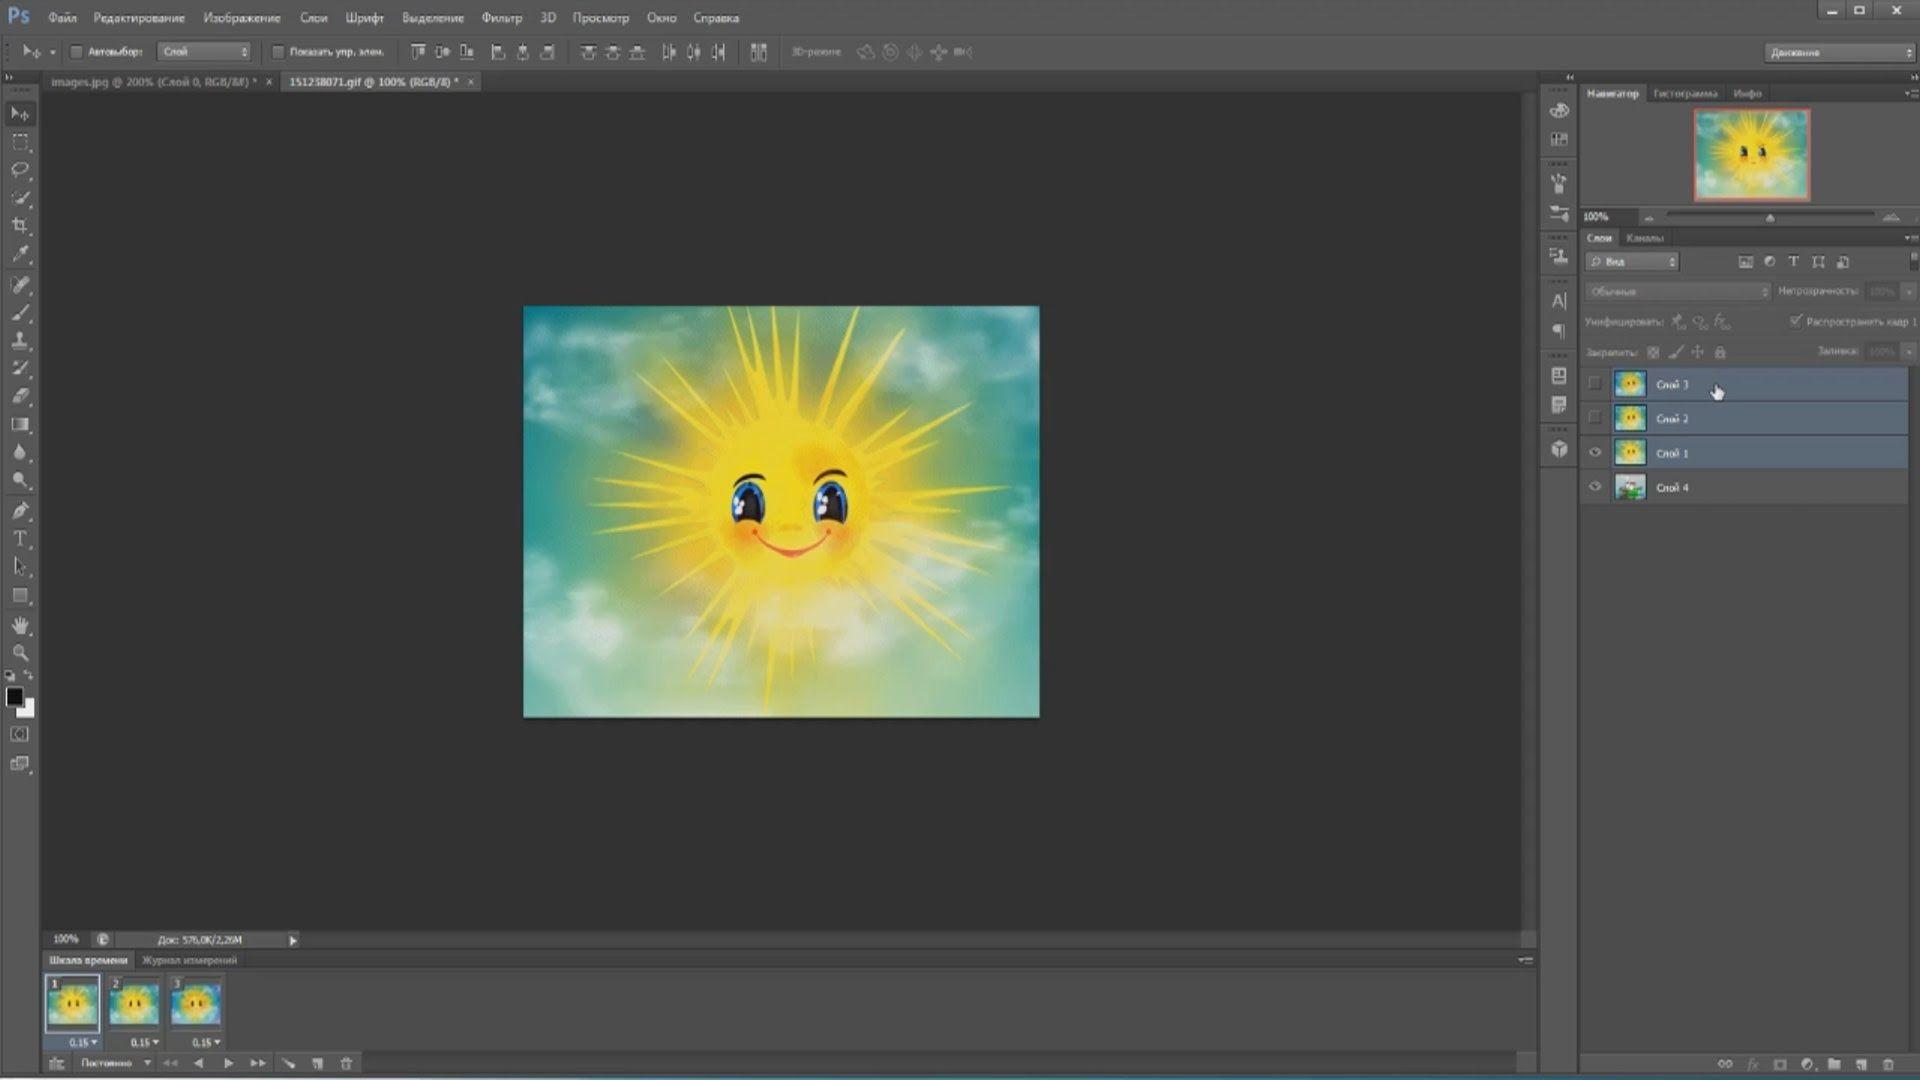 Как вставить гиф анимацию в картинку, всего сердца картинки